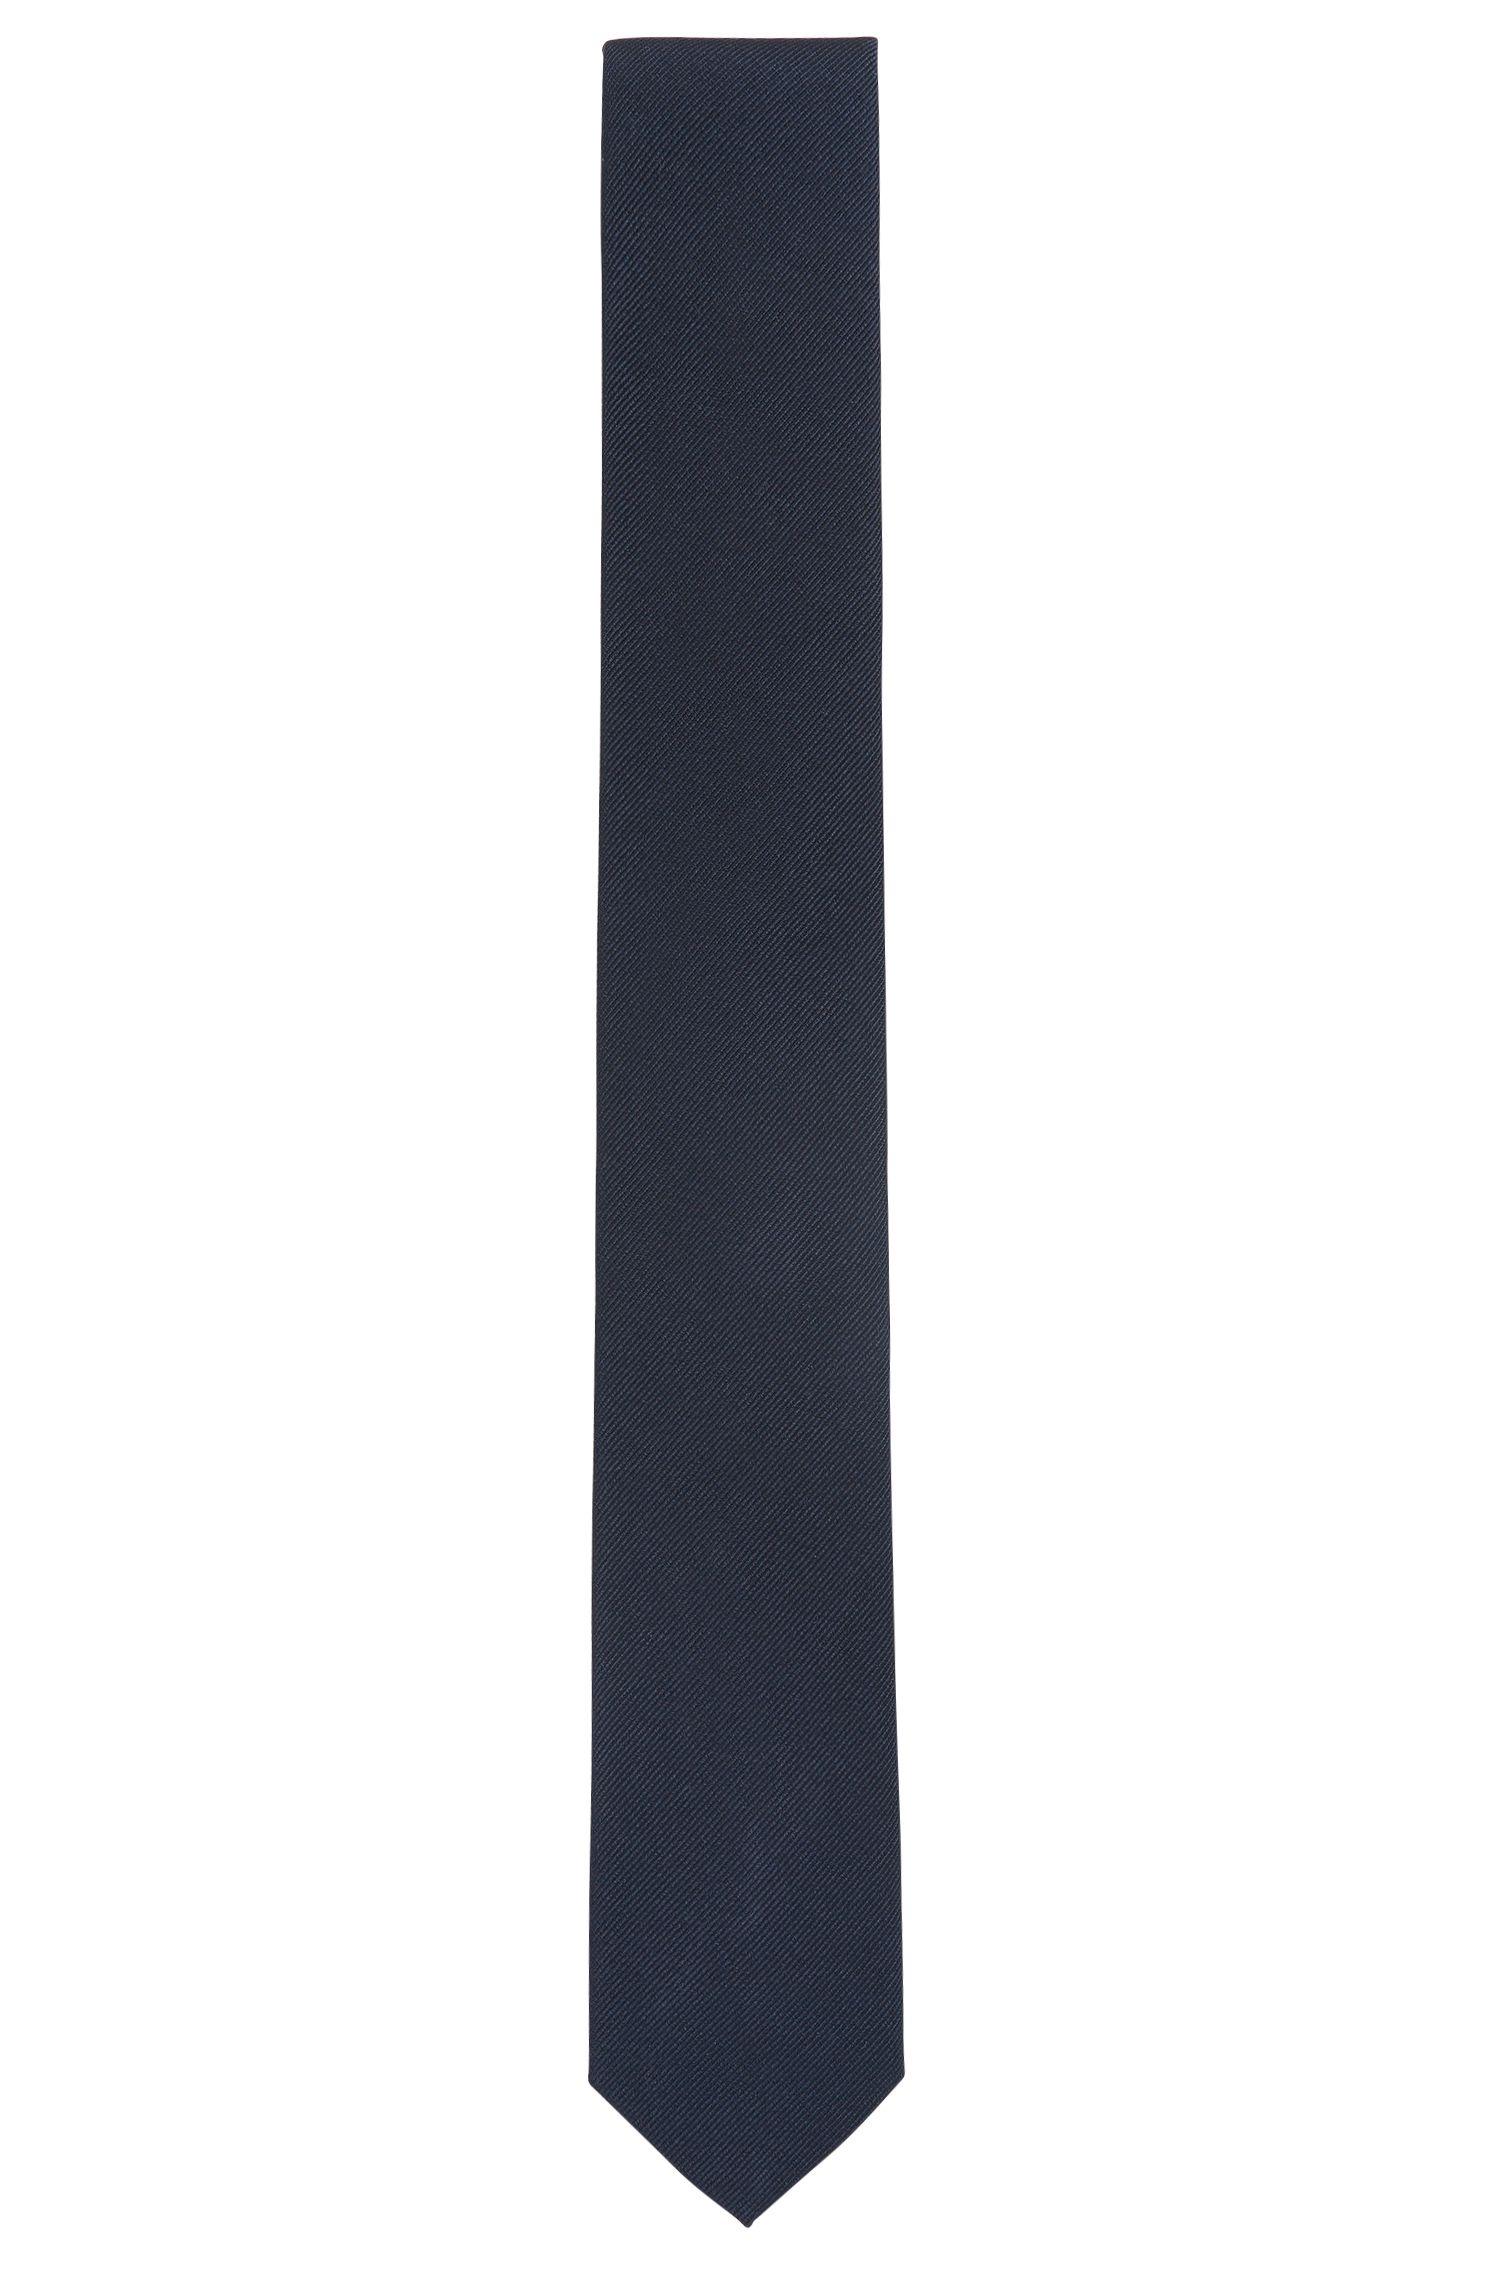 Cravate jacquard en soie confectionnée en Italie